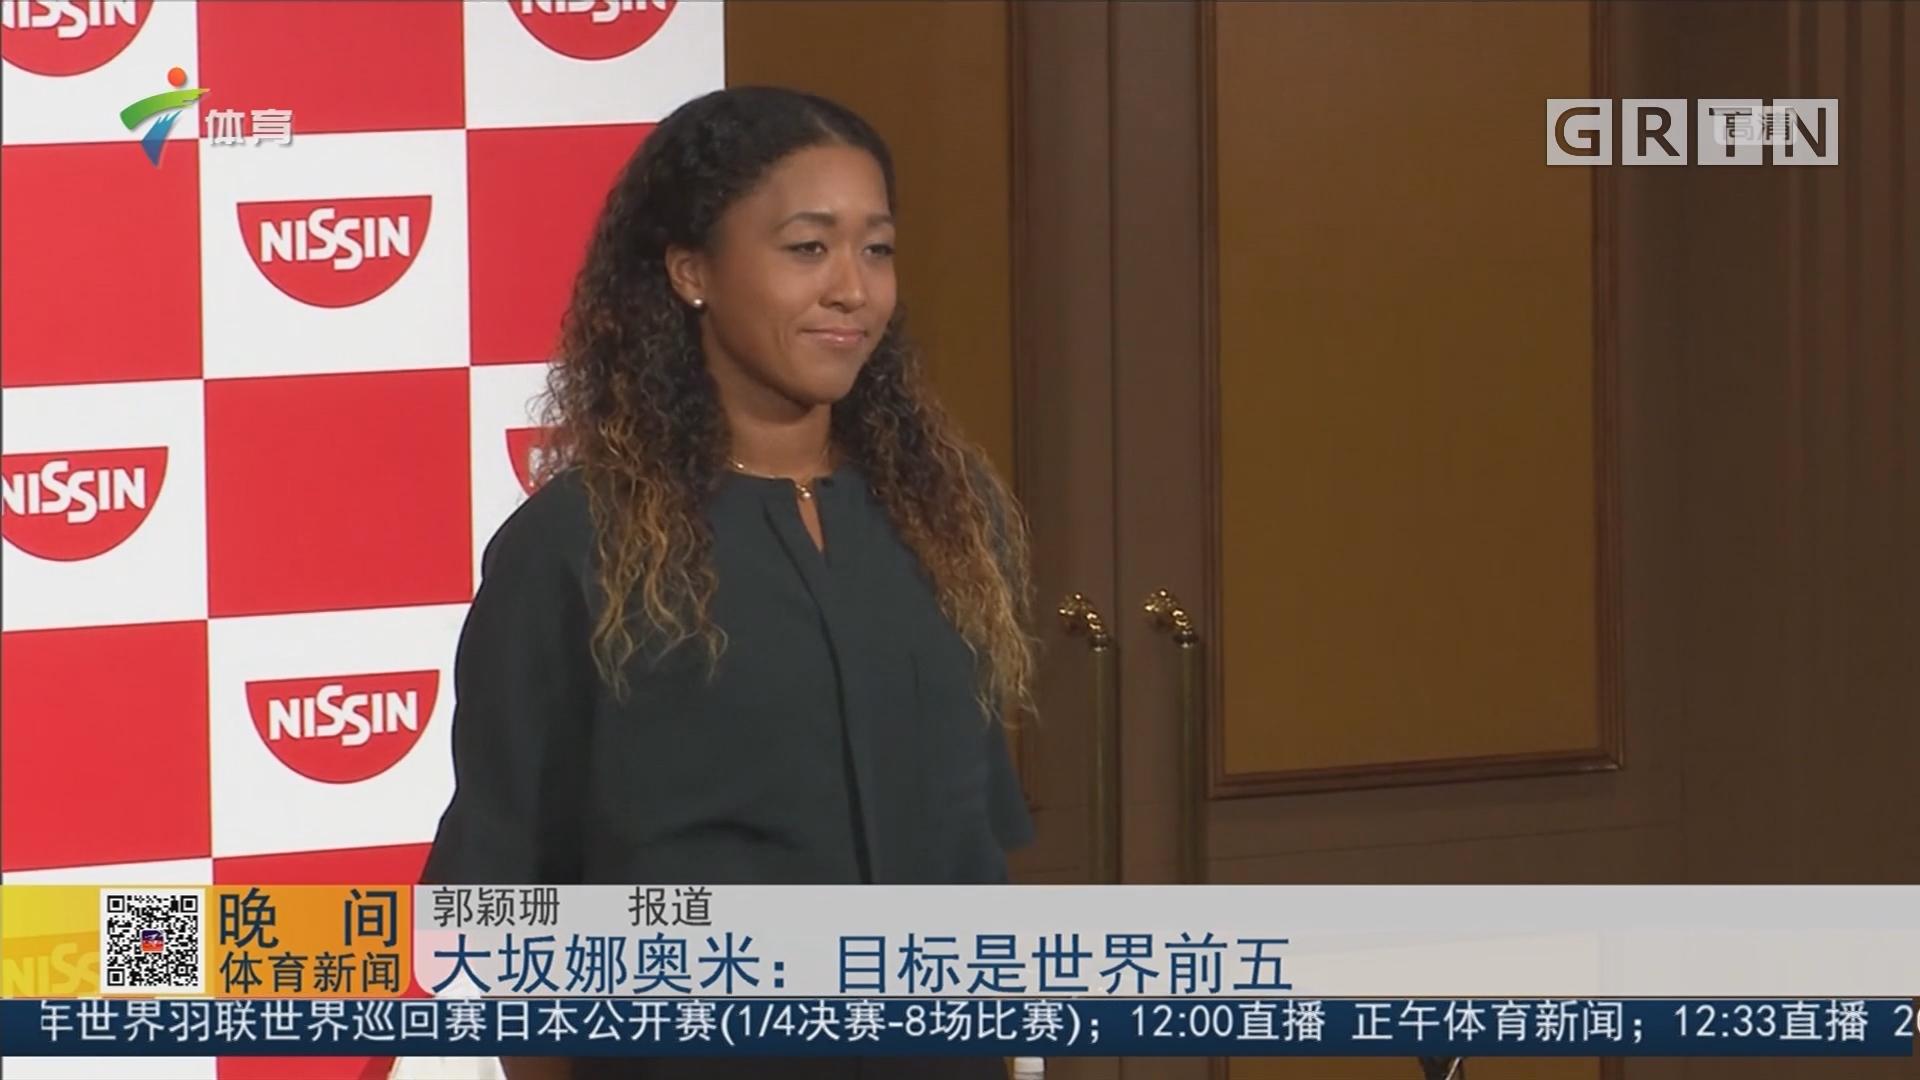 大坂娜奥米:目标是世界前五